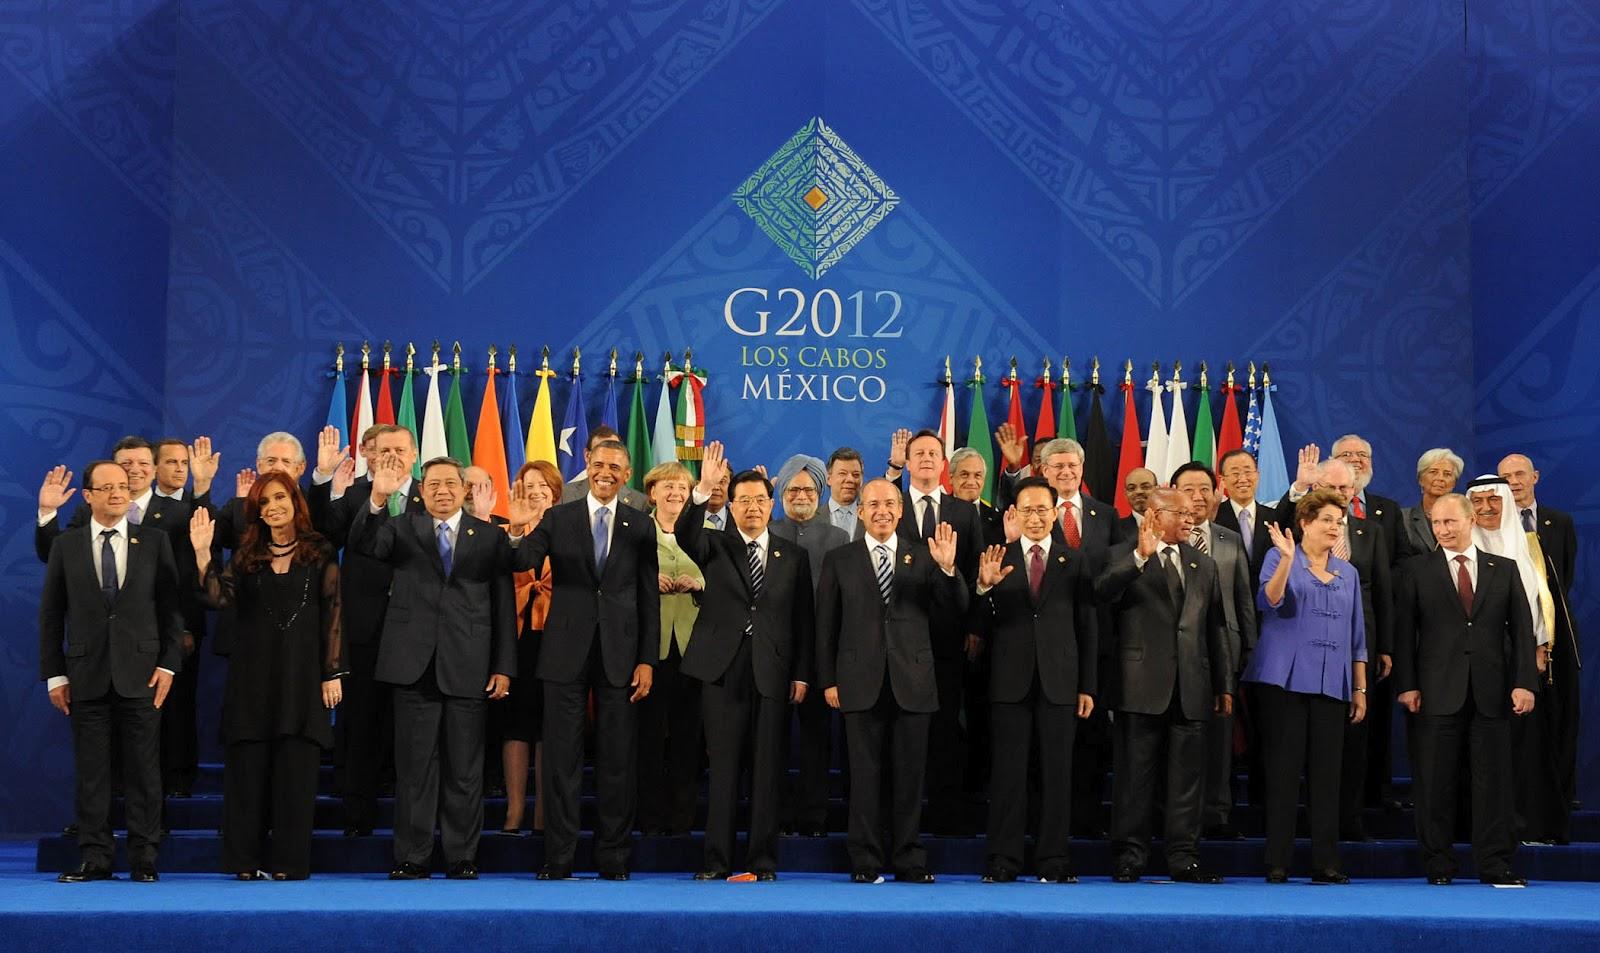 foto-de-grupo-g20-los-cabos.jpeg